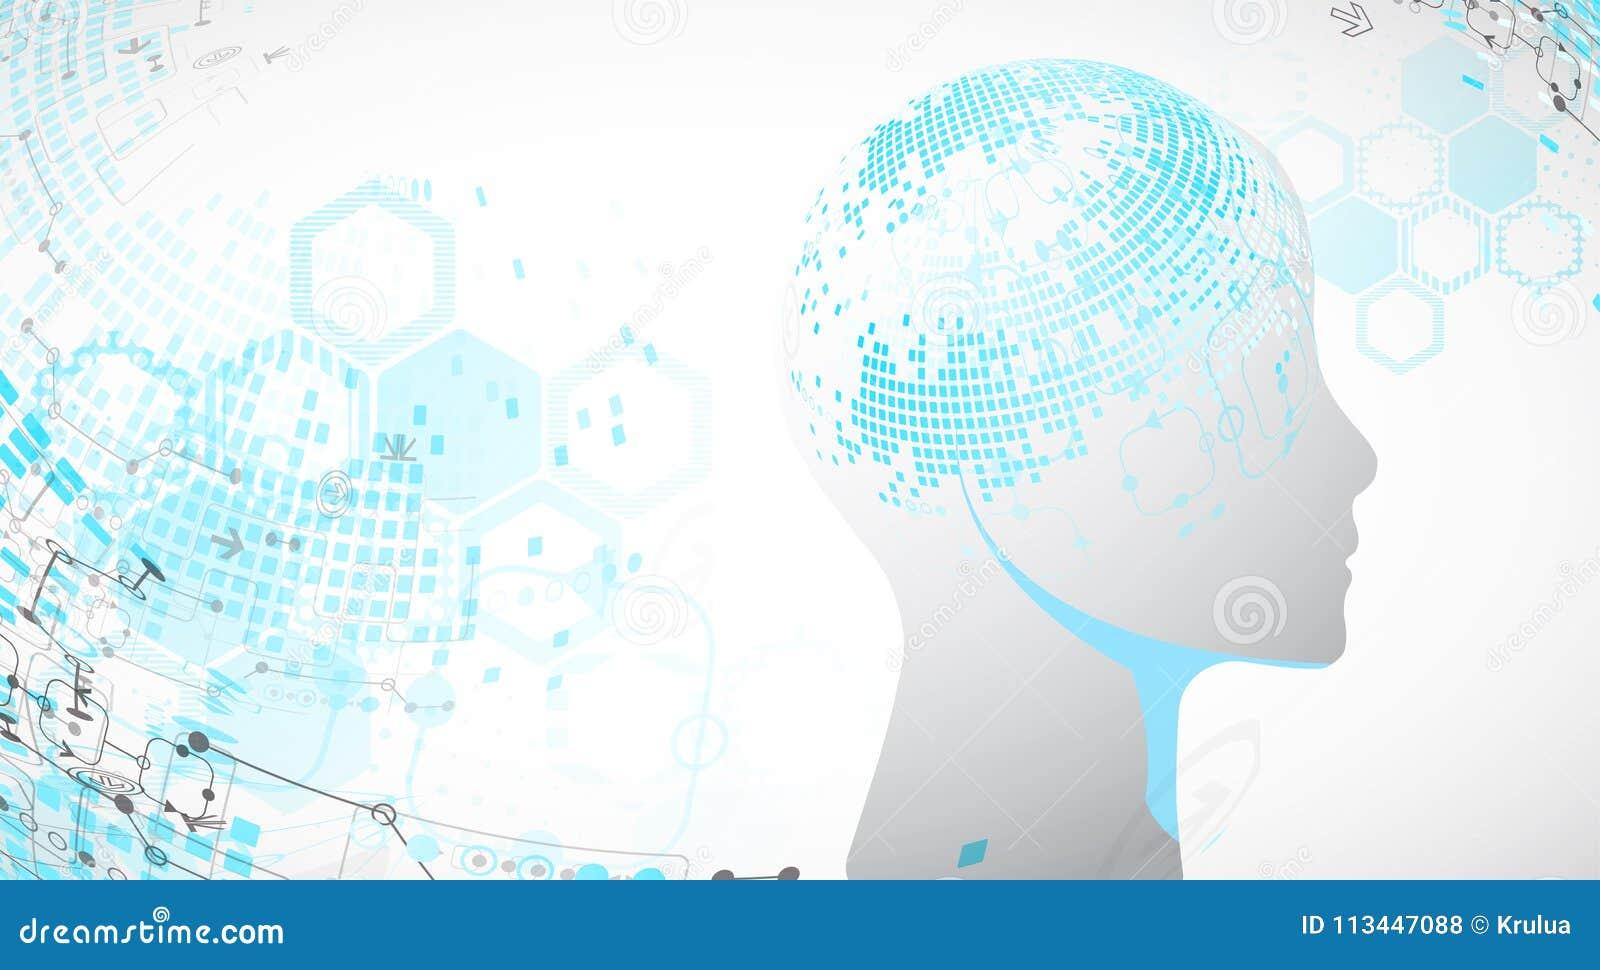 创造性的脑子概念背景 人工智能